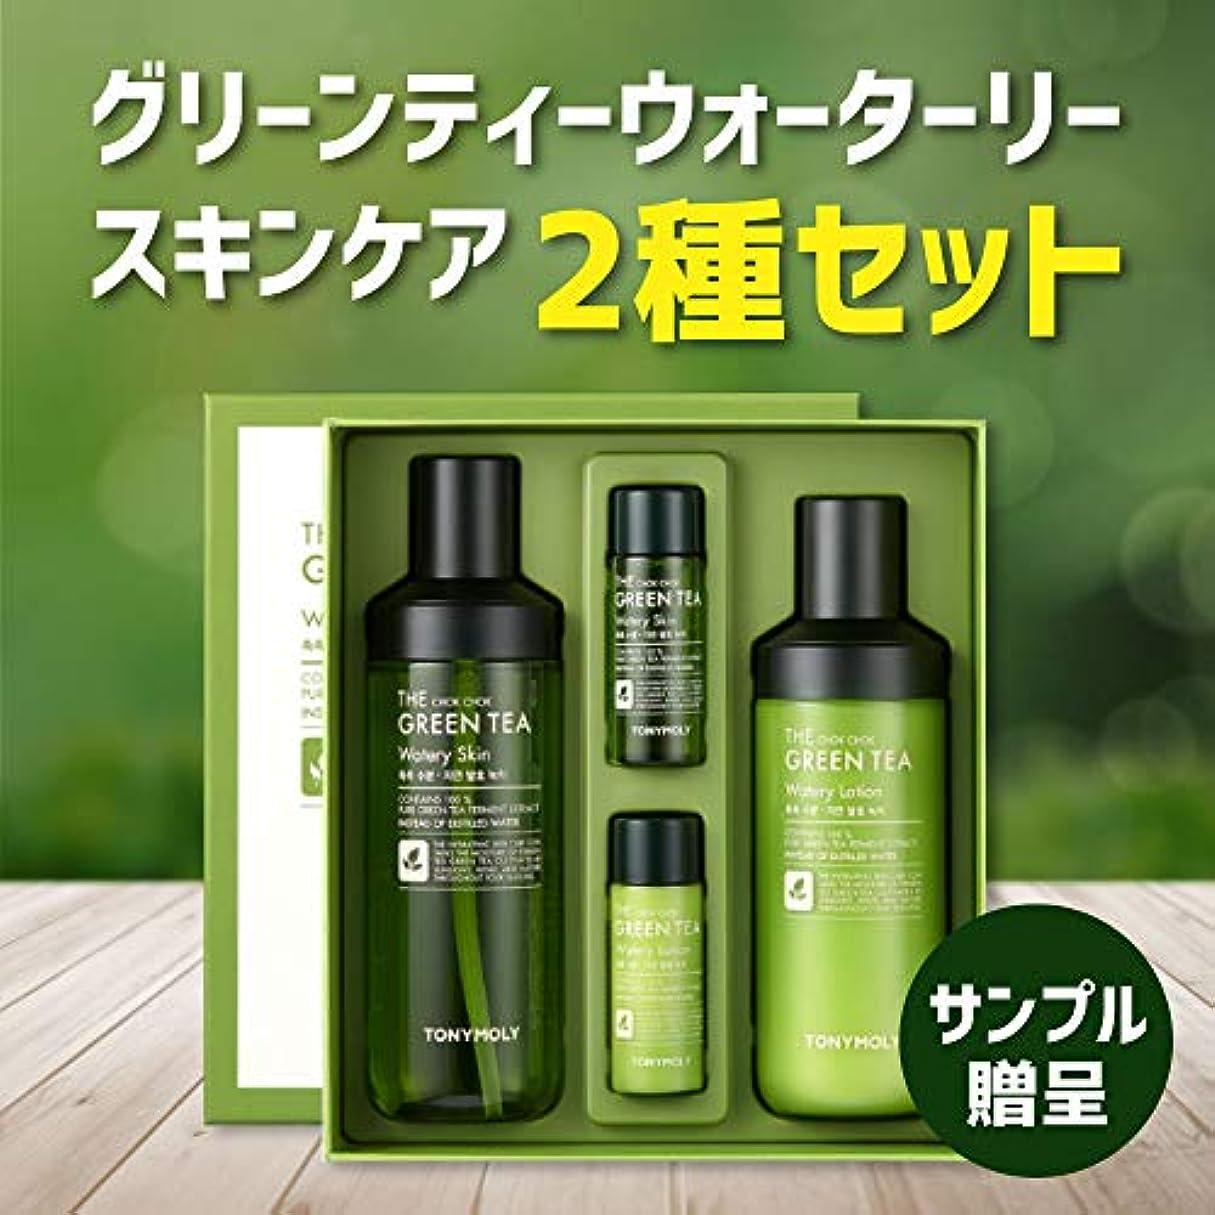 学校登場無法者TONYMOLY しっとり グリーン ティー 水分 化粧水 乳液 セット 抹茶 The Chok Chok Green Tea Watery Skin